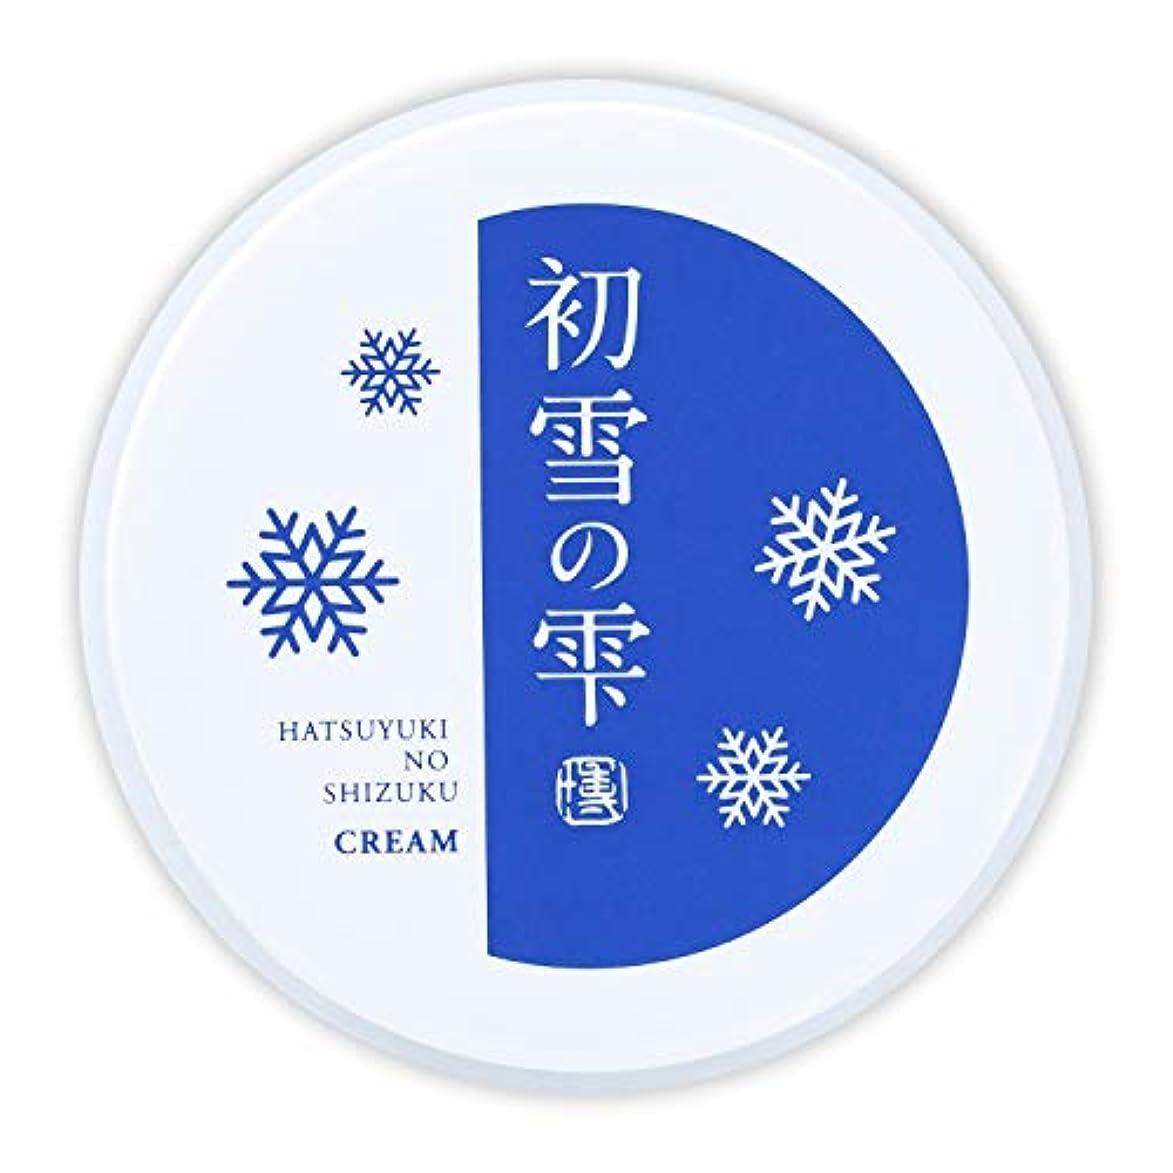 体現するもっともらしい未使用初雪の雫 オールインワン 保湿 クリーム 27g 約2週間分 [プラセンタ ヒアルロン酸 セラミド アルブチン ビタミンC ]